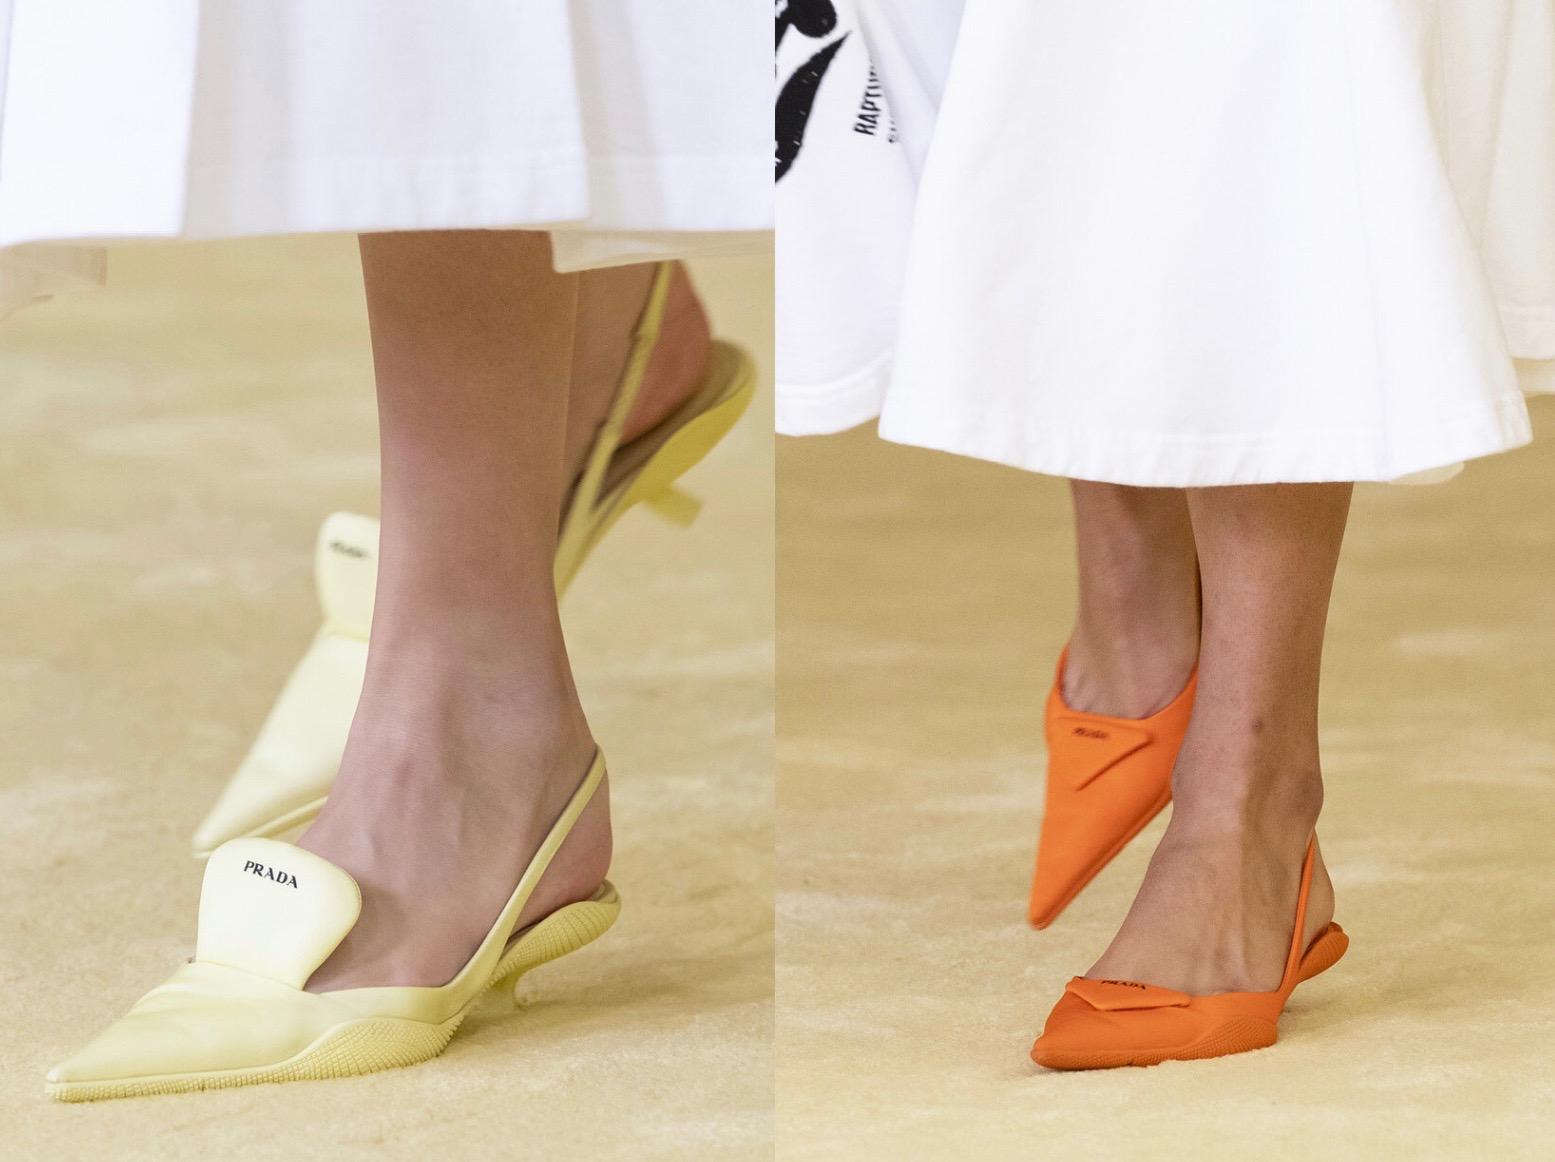 Giày slingback màu vàng nhạt và cam neon trong bst Prada x Raf Simons